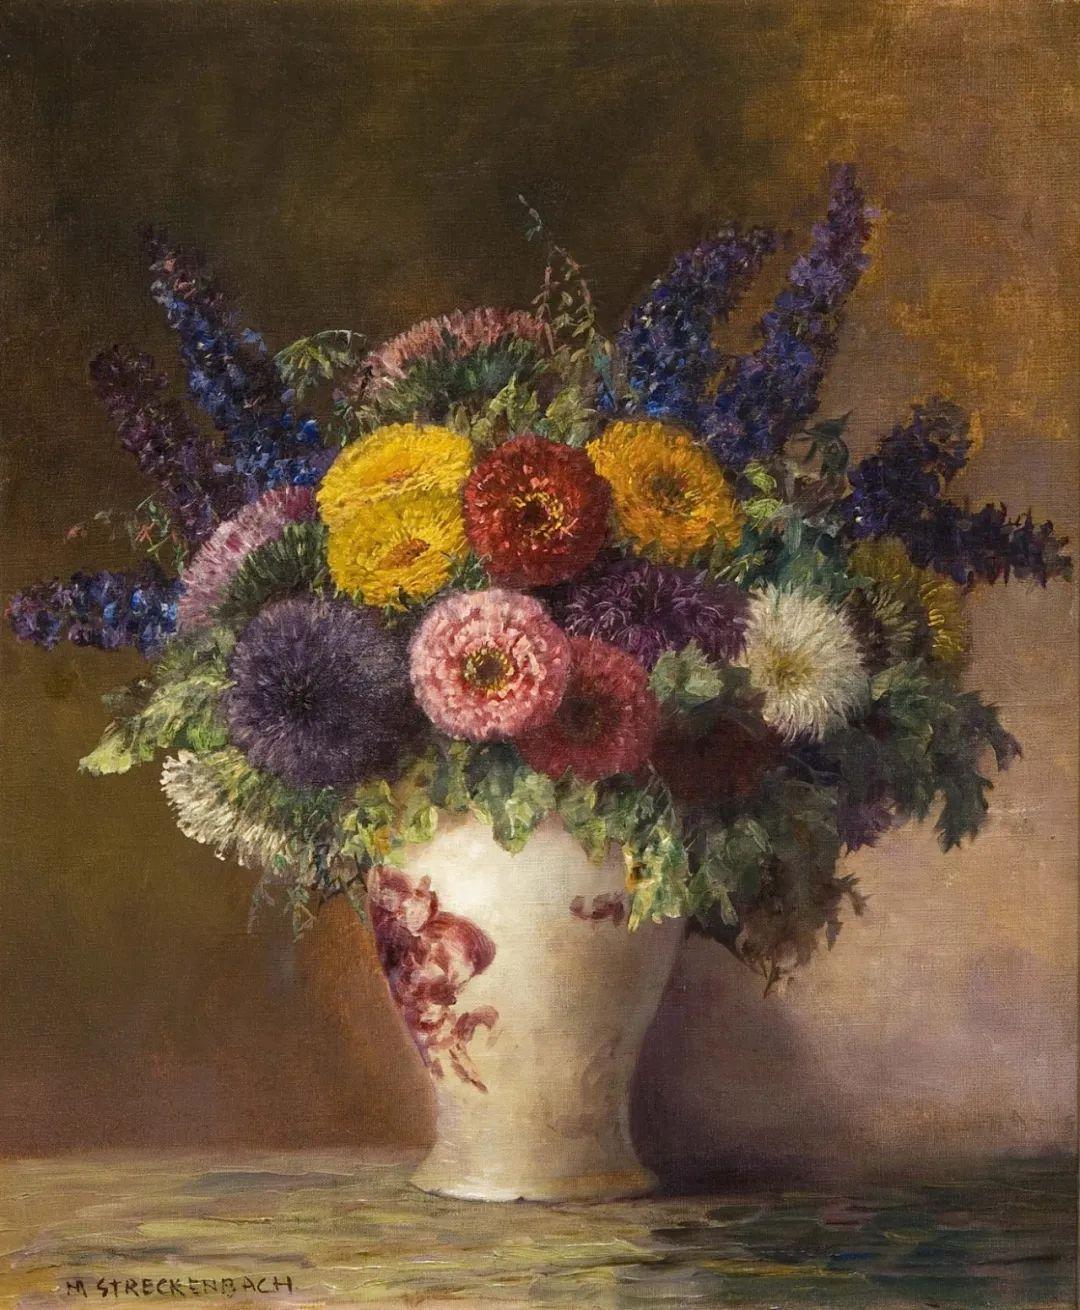 学医的他,37岁才开始自学绘画,笔下五颜六色的花束,太美了!插图35